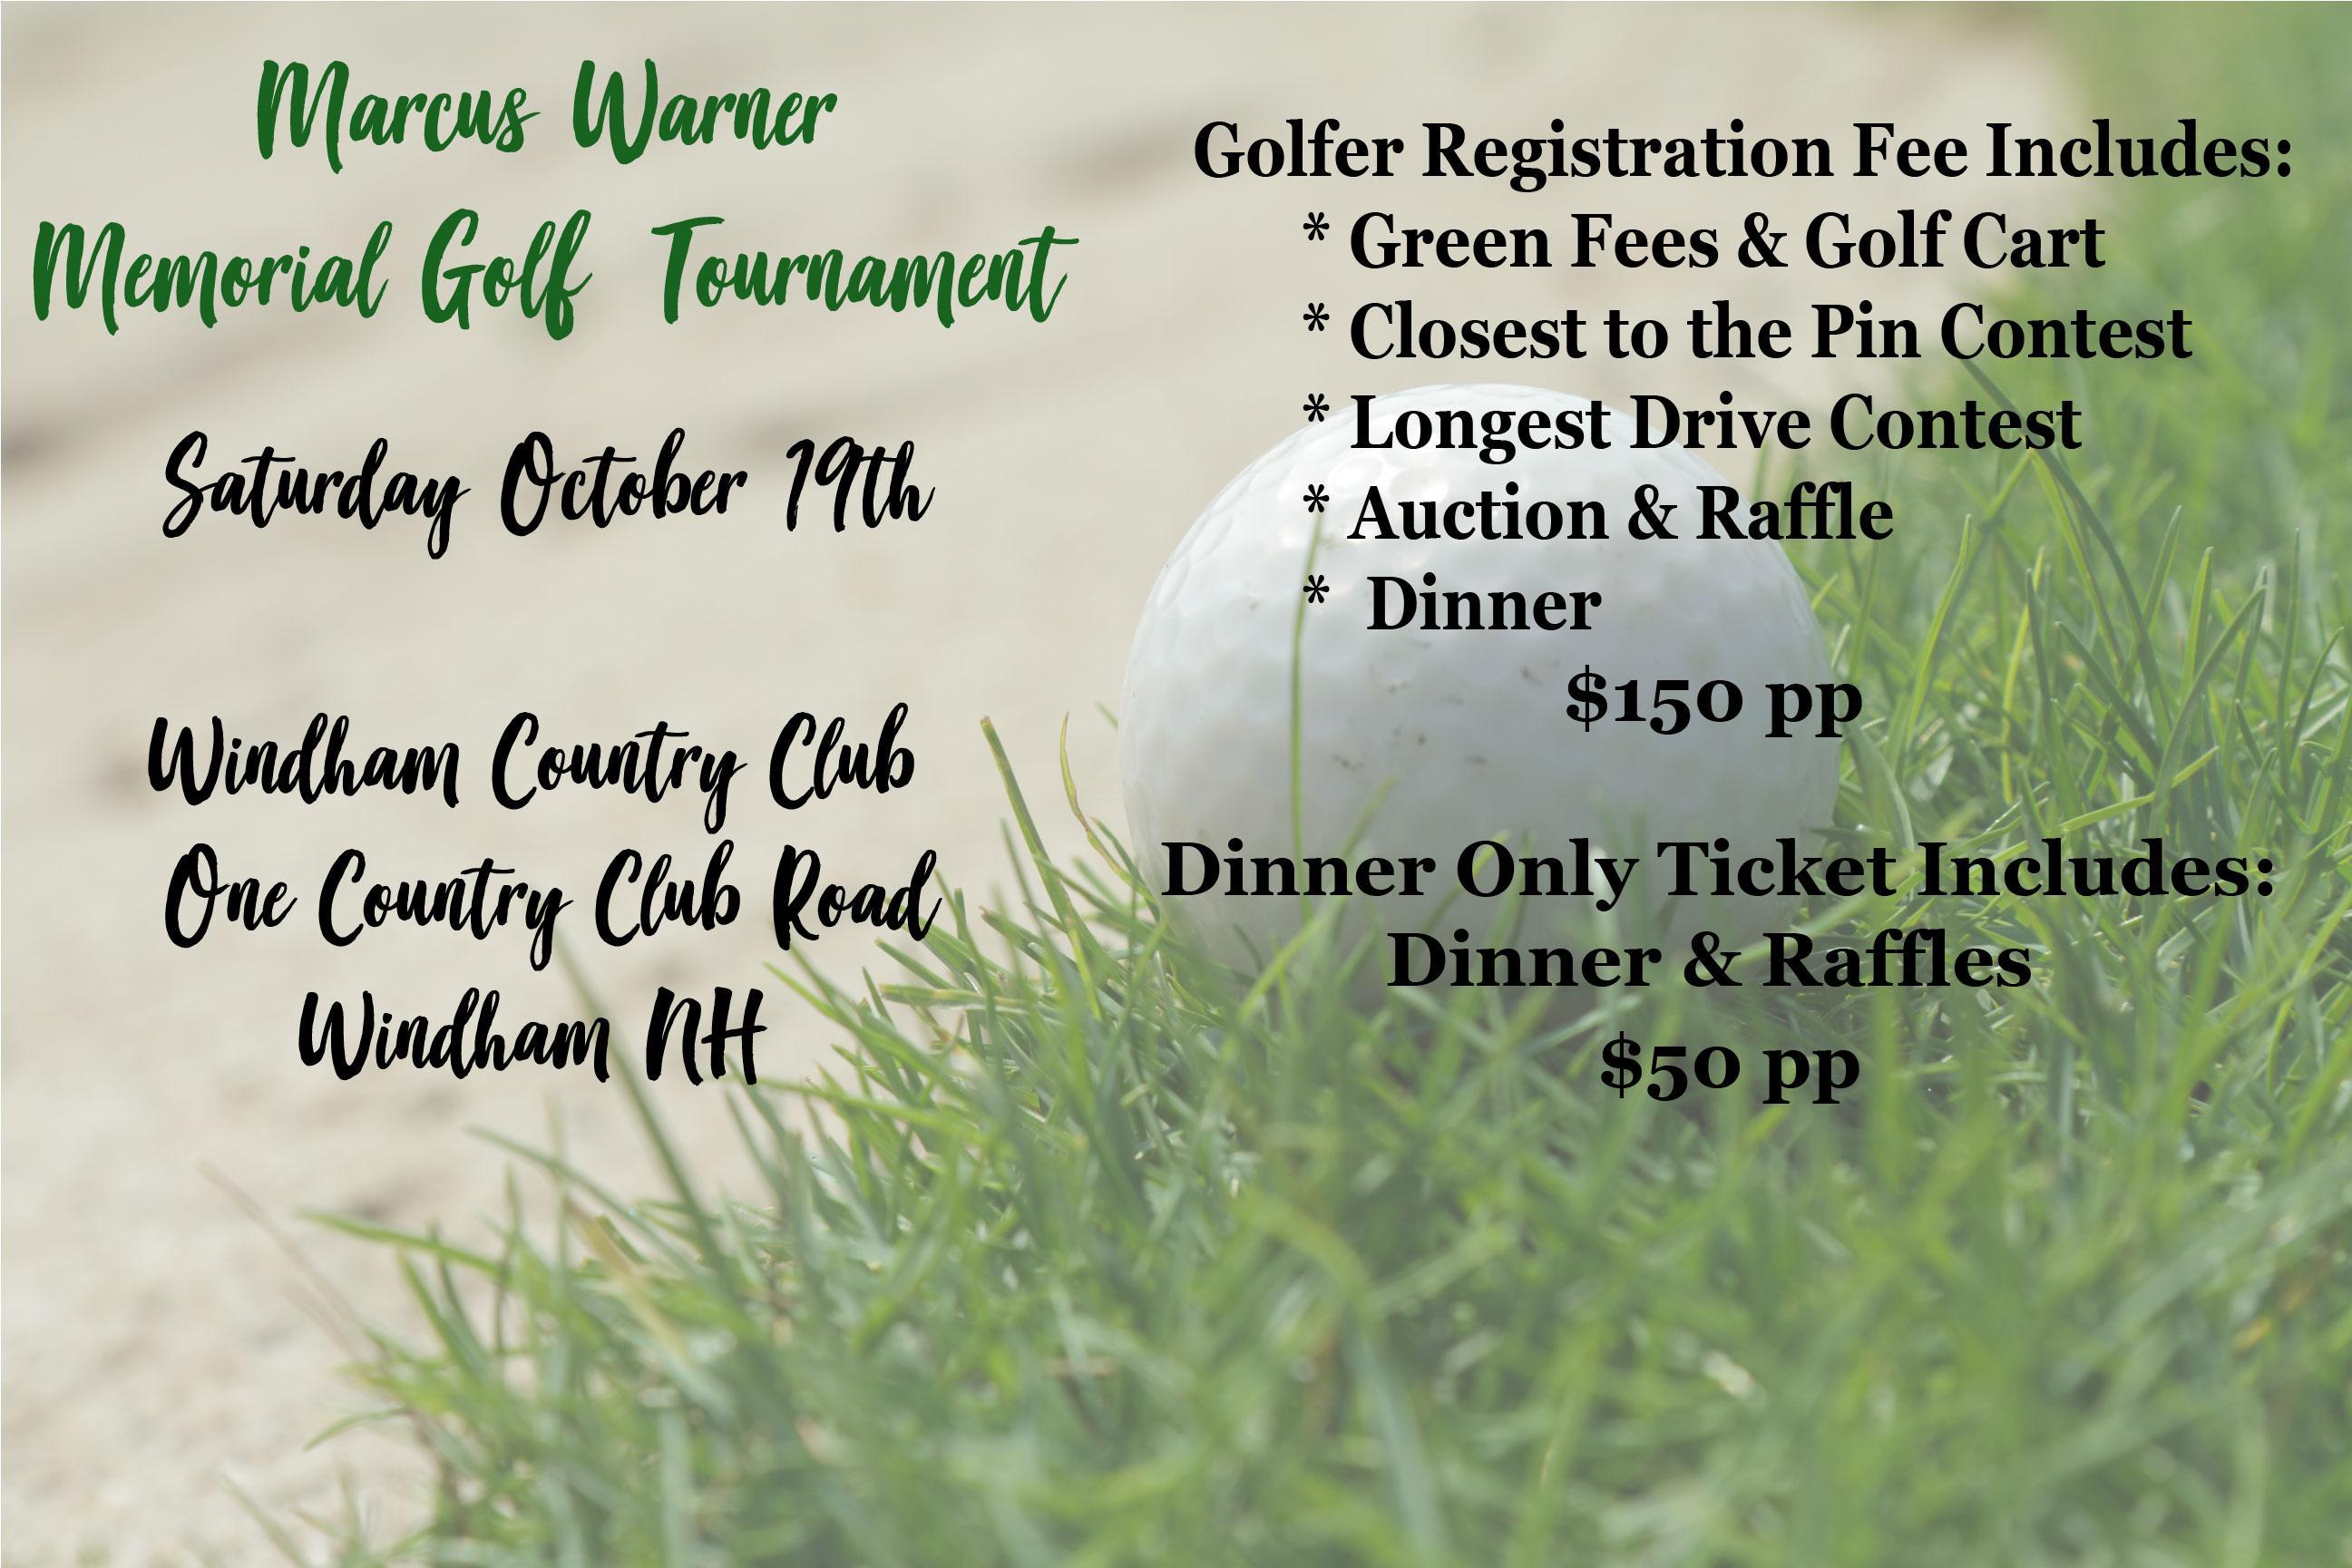 Marcus Warner Memorial Golf Tournament